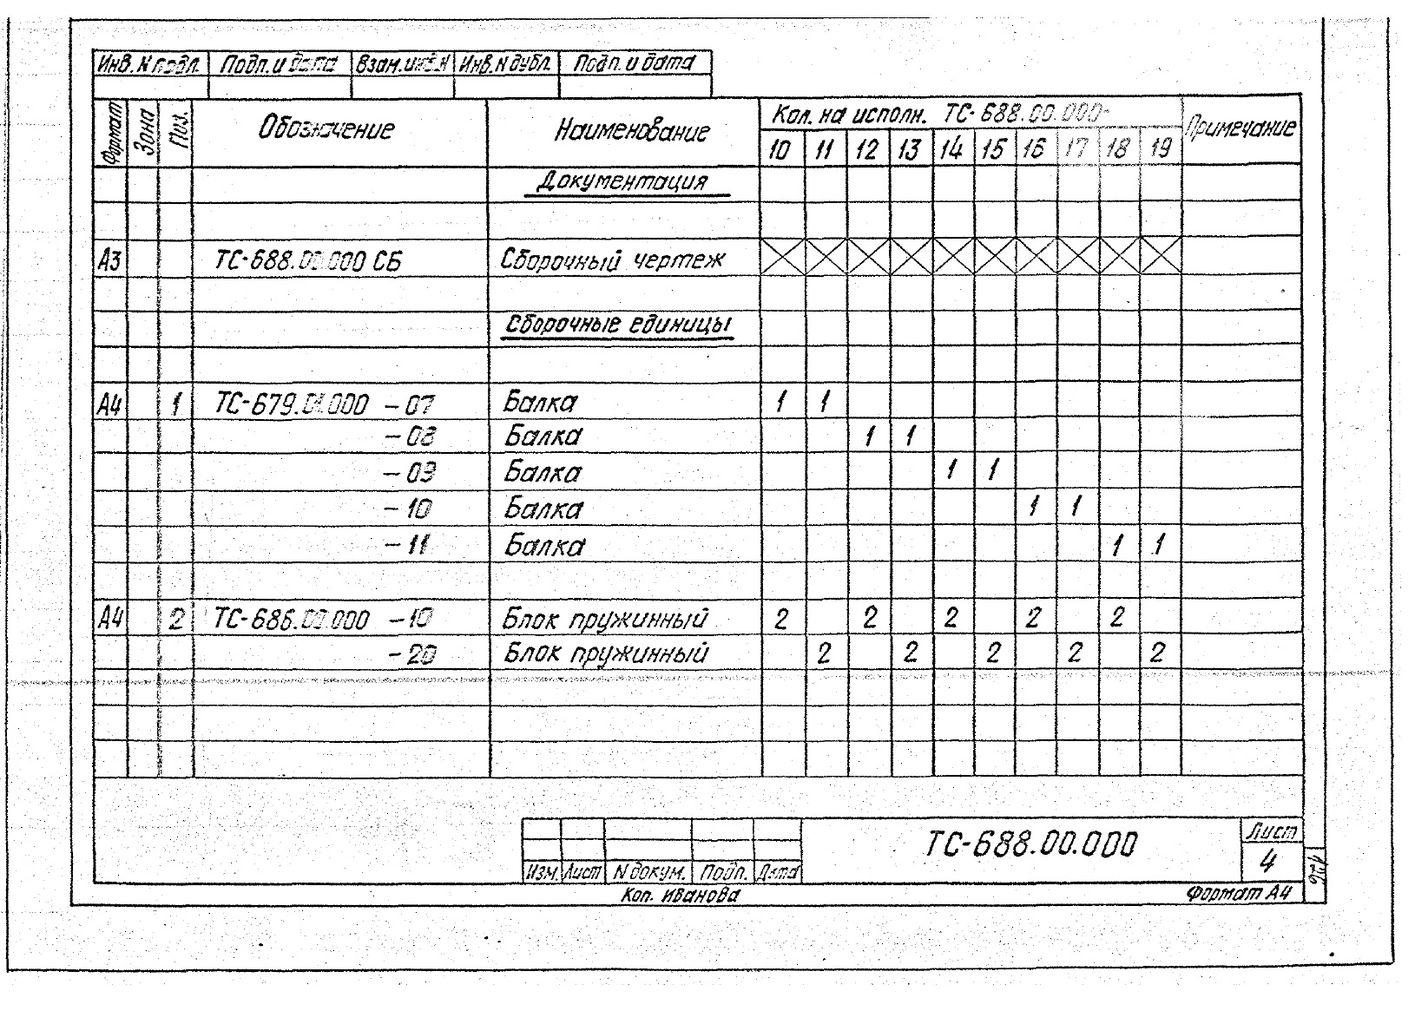 Подвески пружинные для горизонтальных трубопроводов Дн 377-1420 мм ТС-688.00.000 СБ серия 5.903-13 выпуск 6-95 стр.6